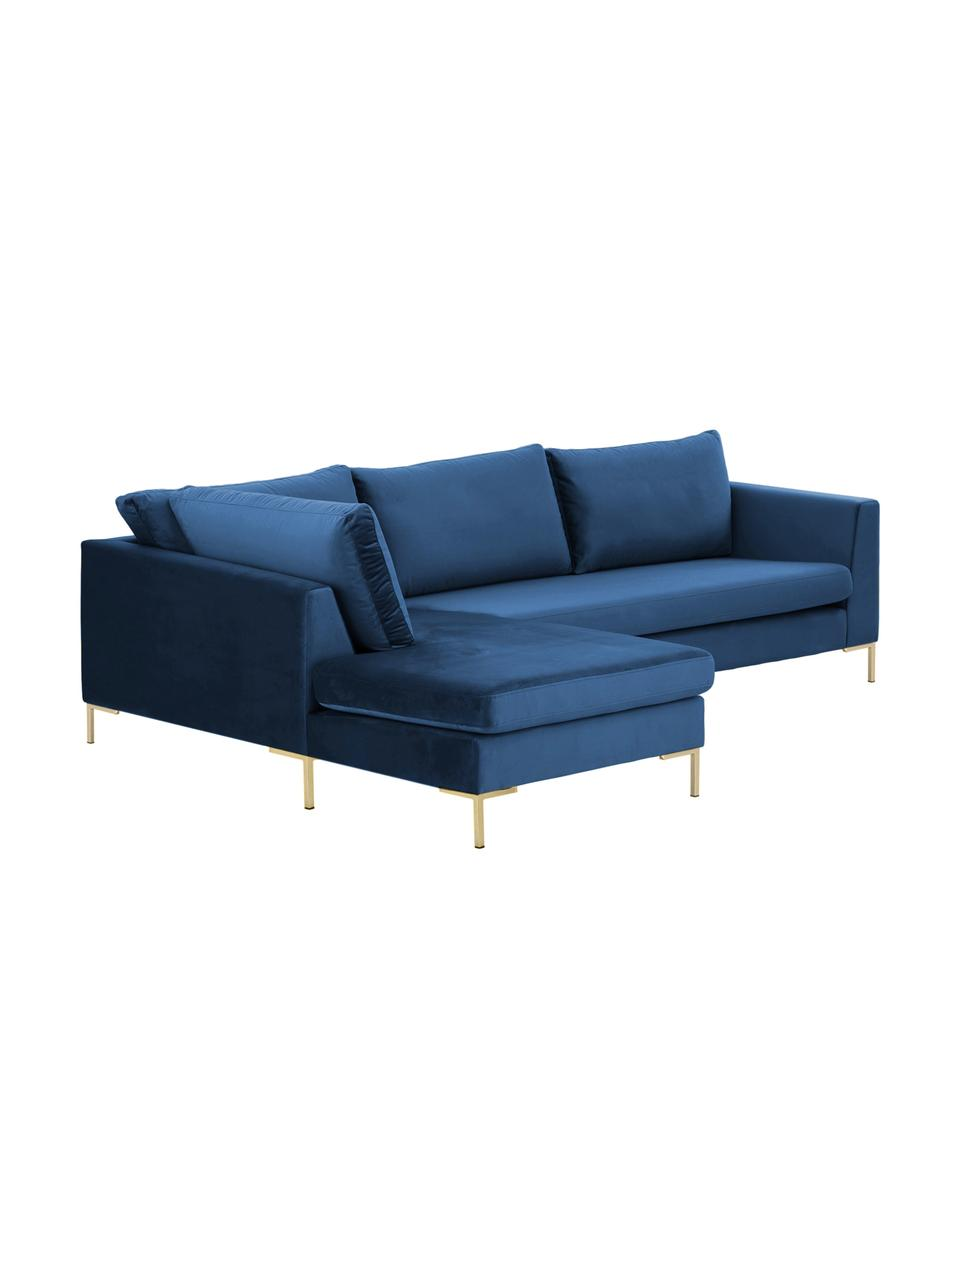 Sofa narożna z aksamitu z metalowymi nogami Luna, Tapicerka: aksamit (poliester) Dzięk, Nogi: metal galwanizowany, Aksamitny niebieski, złoty, S 280 x G 184 cm